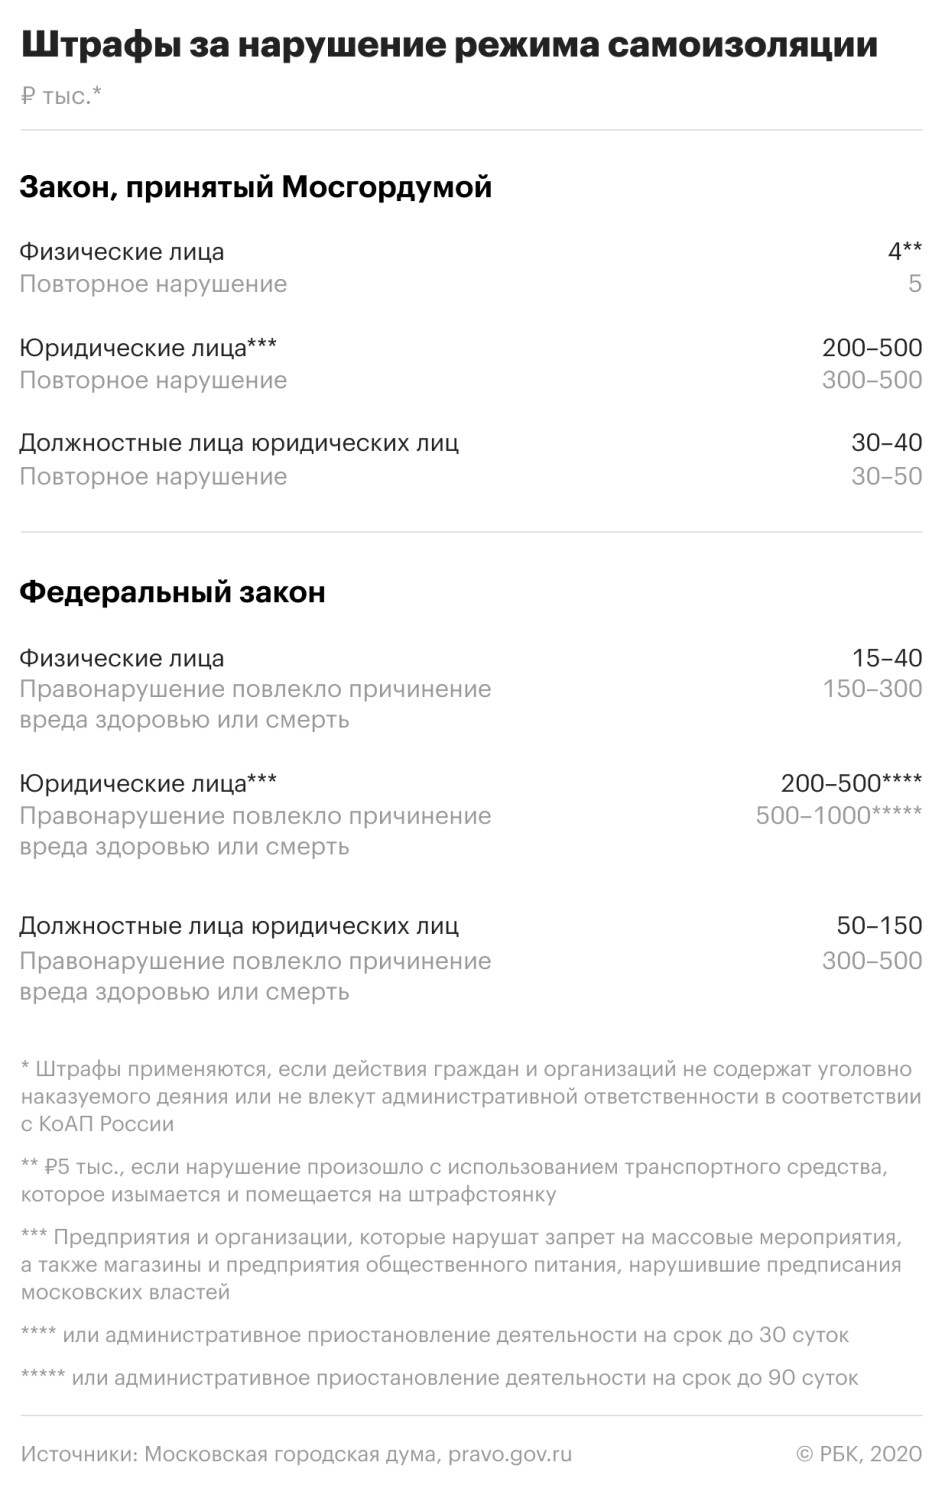 В Мосгордуме назвали спящим штраф для автомобилистов во время изоляции